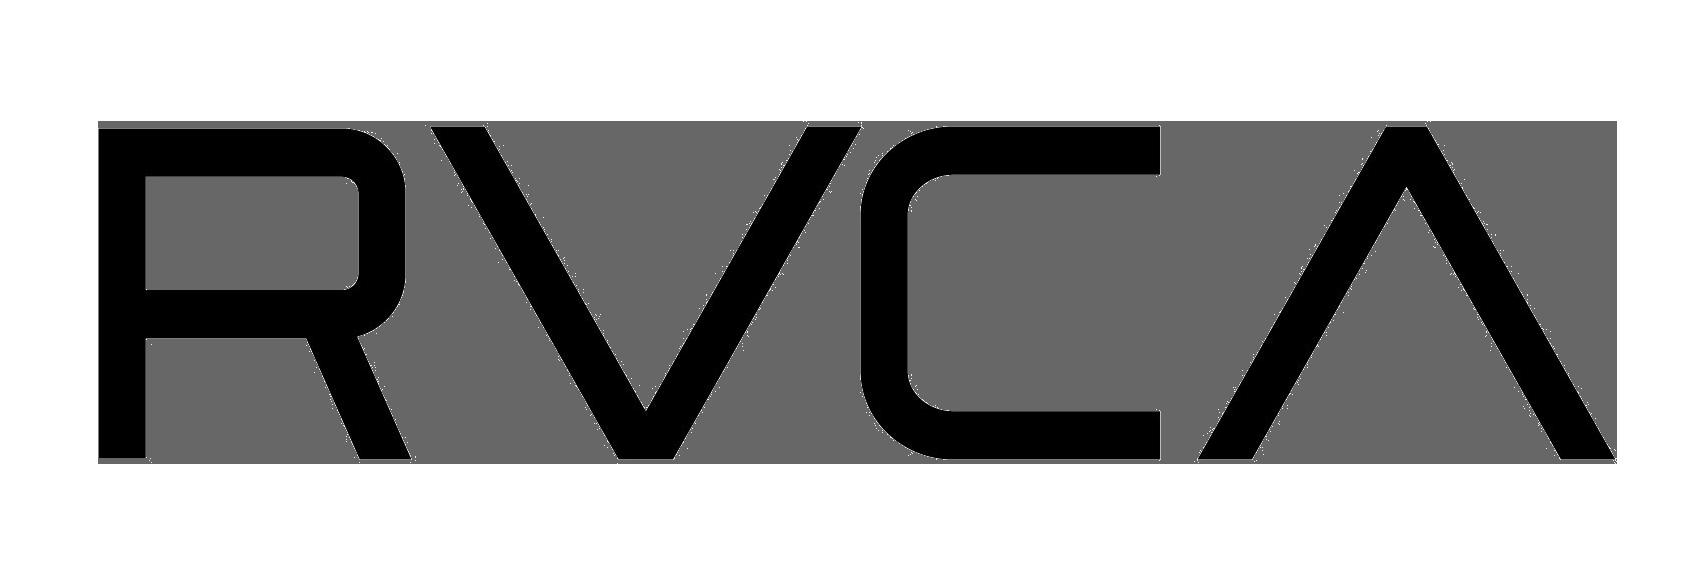 RVCA - Mimoun SurfShop Le Porge.png